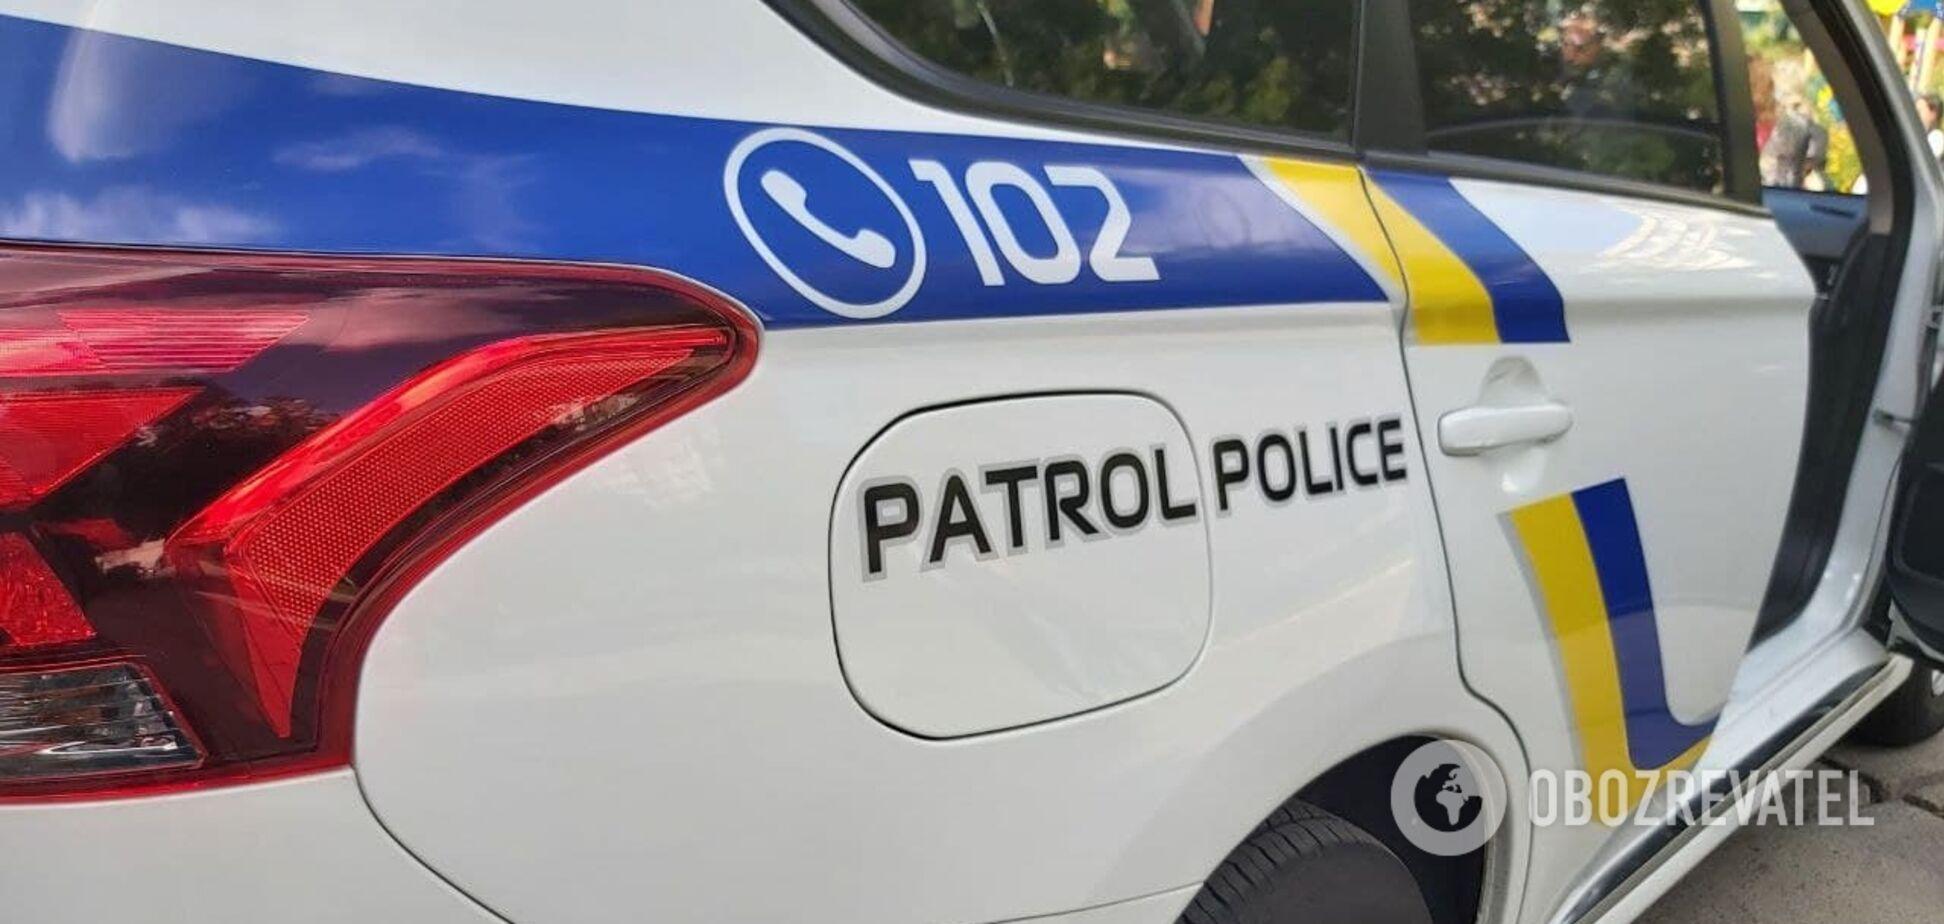 Обставини смерті дитини встановить поліція